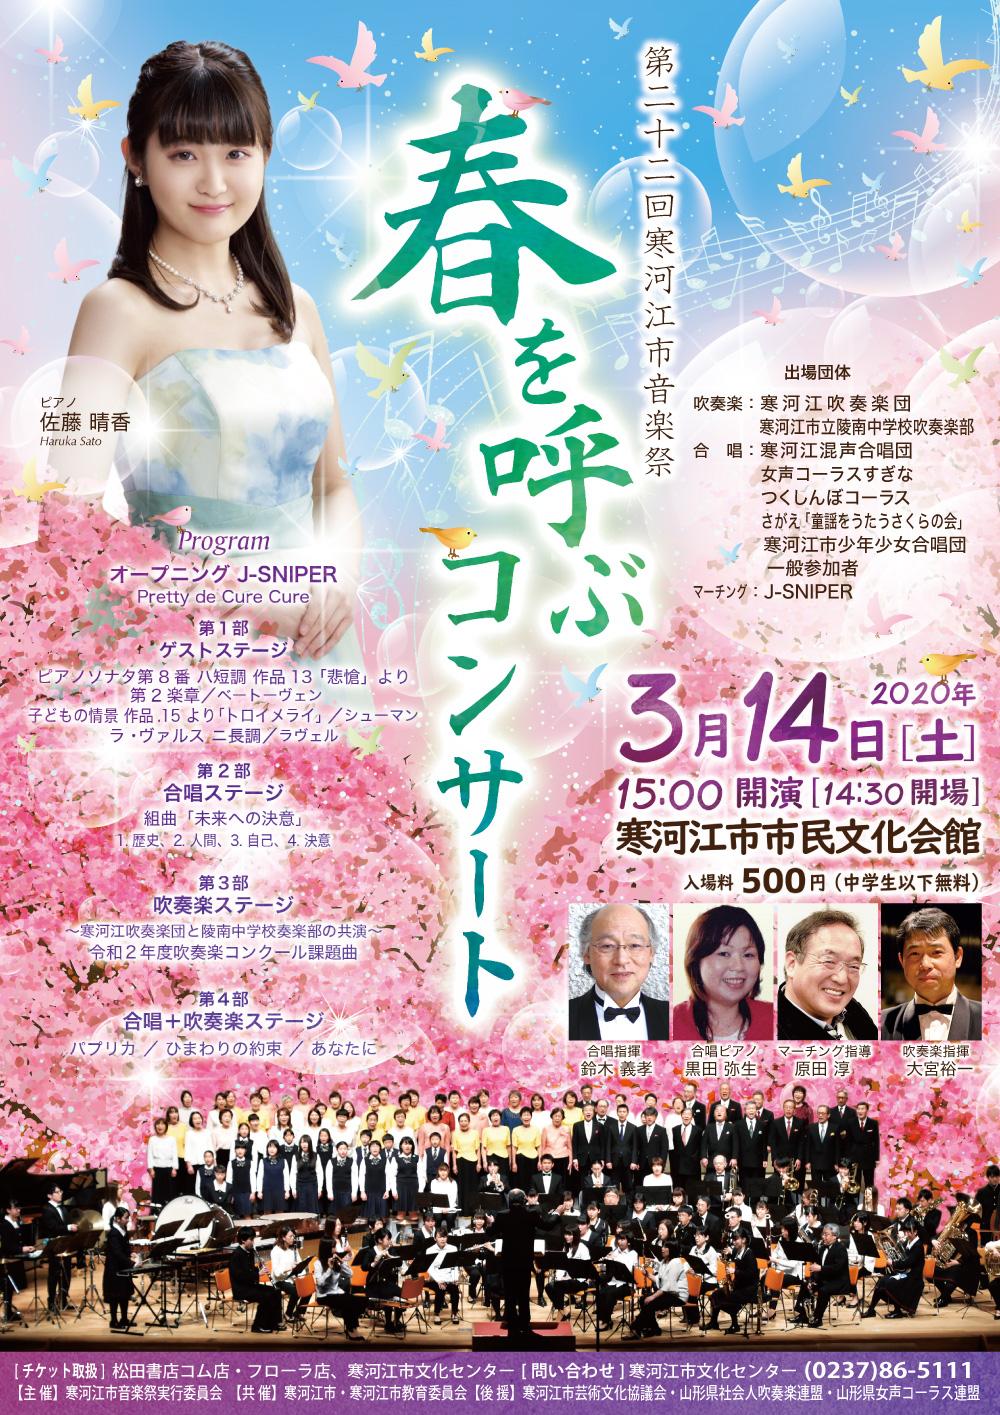 第22回寒河江市音楽祭<br> 春を呼ぶコンサート